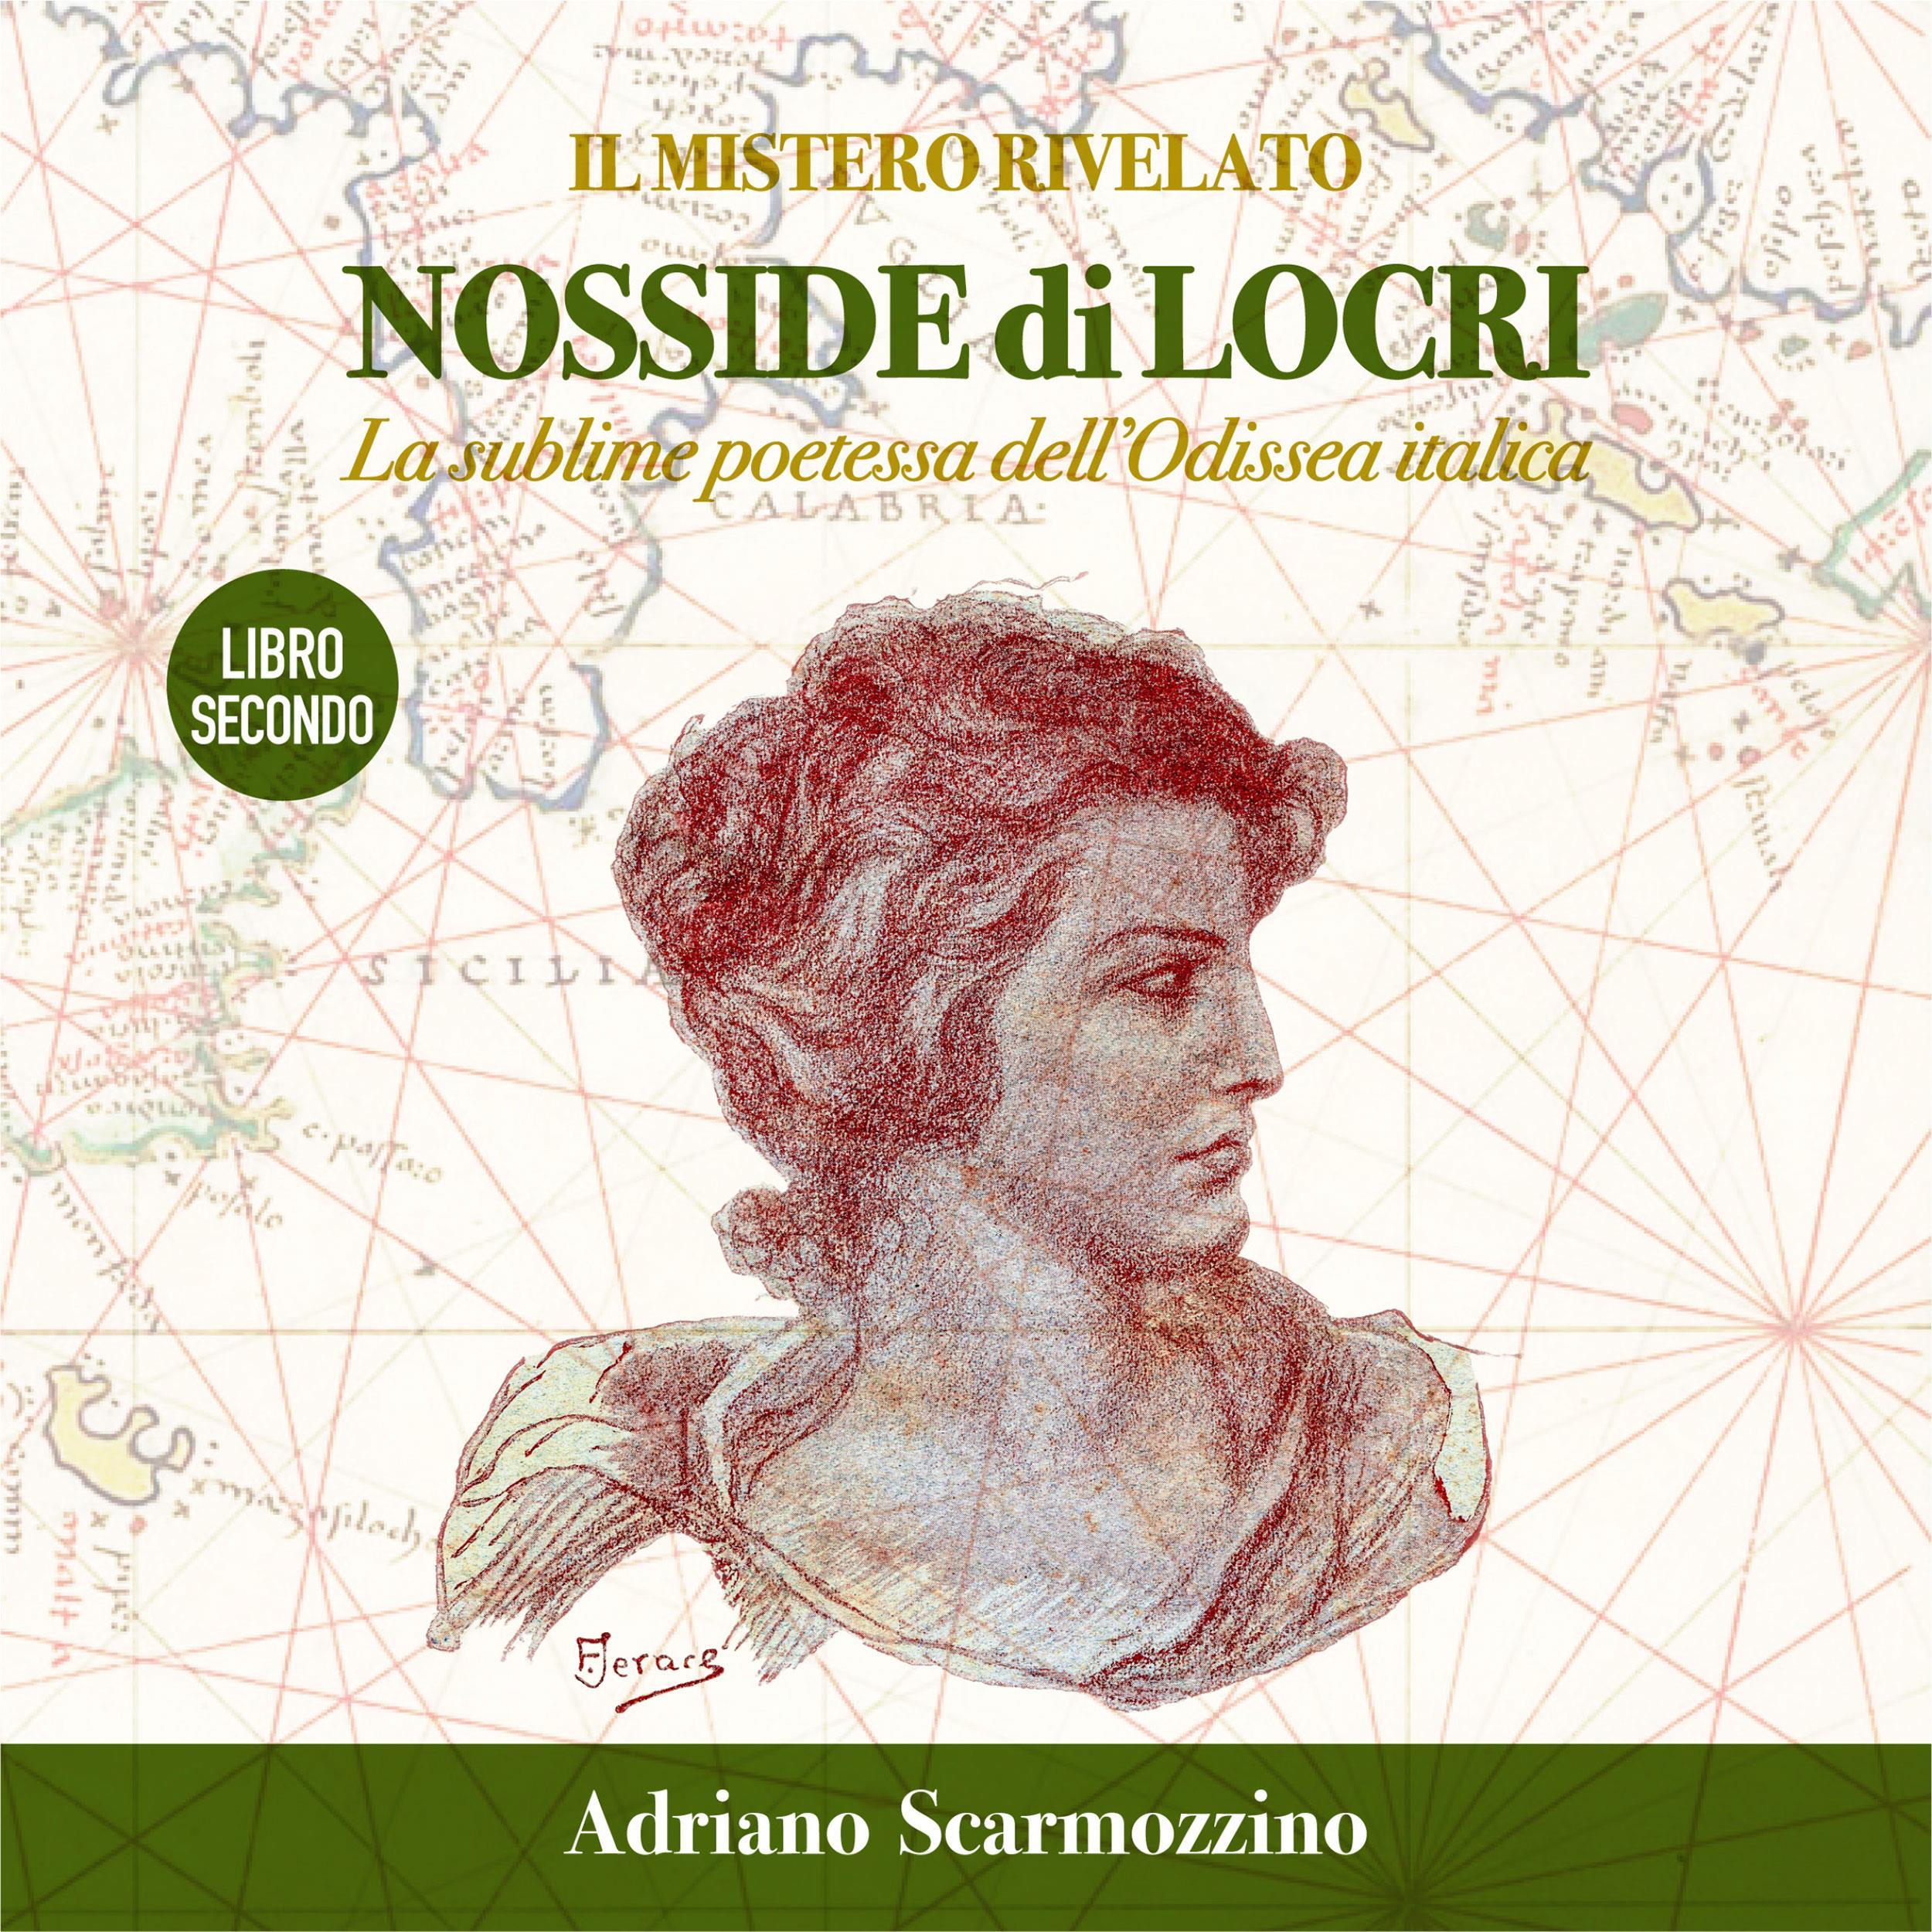 """Il mistero rivelato - Nosside di Locri, la sublime poetessa dell'Odissea Italica - Libro Secondo - Il viaggio """"immobile"""" della poetessa Nosside"""